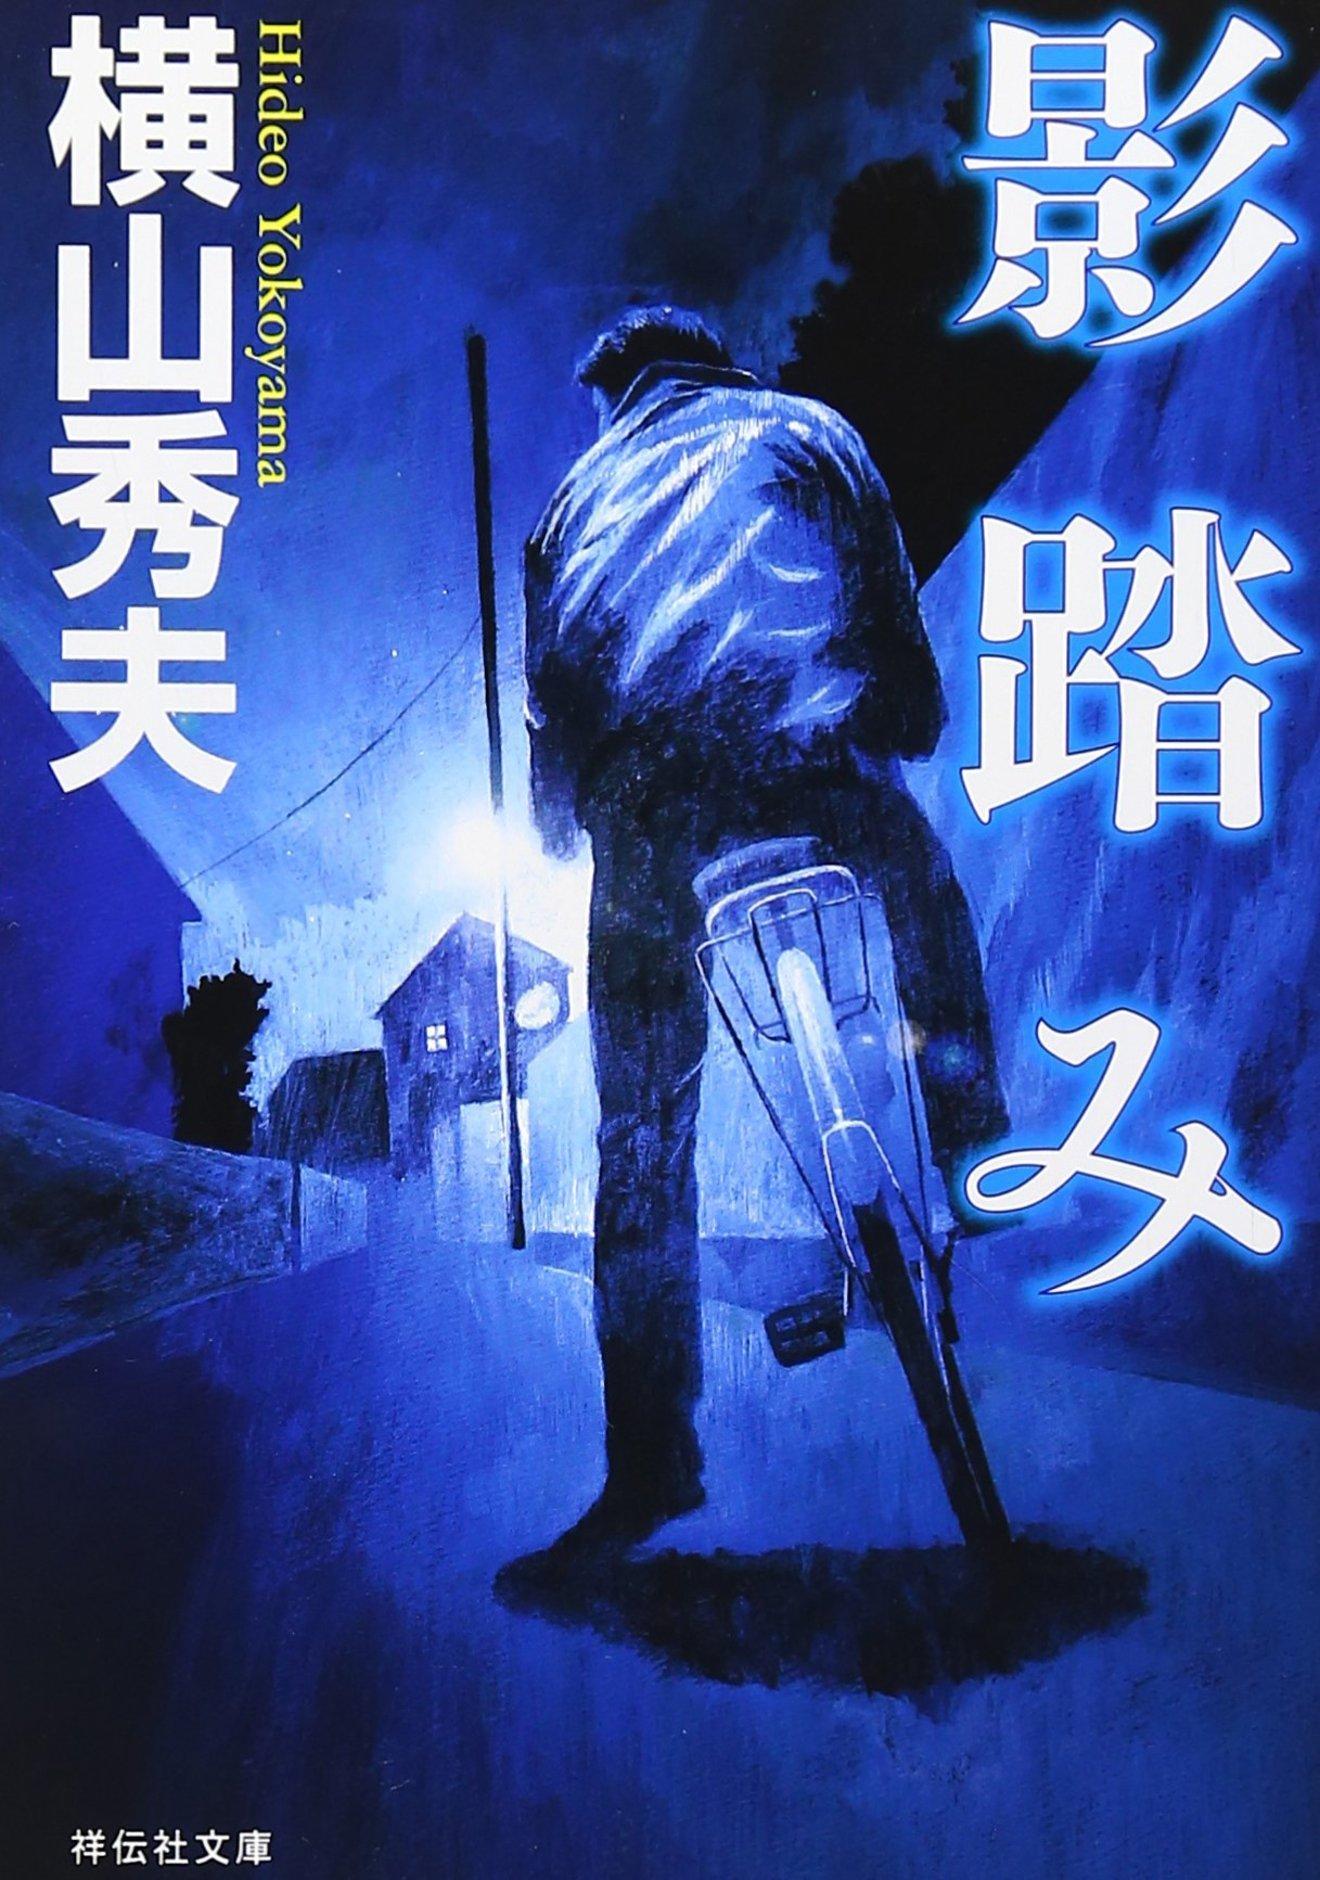 横山秀夫『影踏み』4の見所をネタバレ!泥棒が主人公、悲しい結末【映画化】